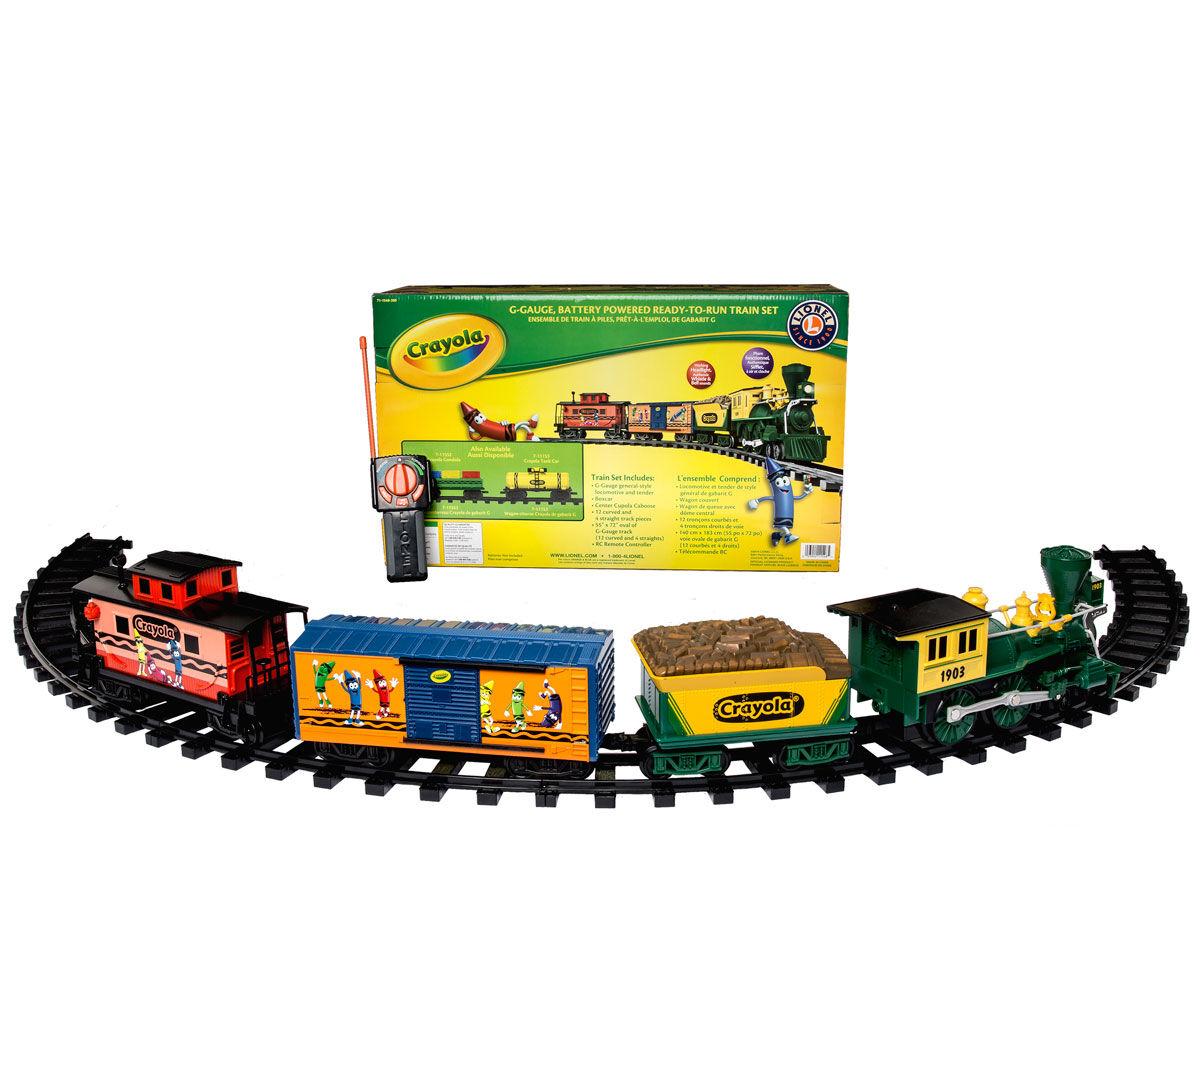 G-Gauge Lionel Train Set | Crayola